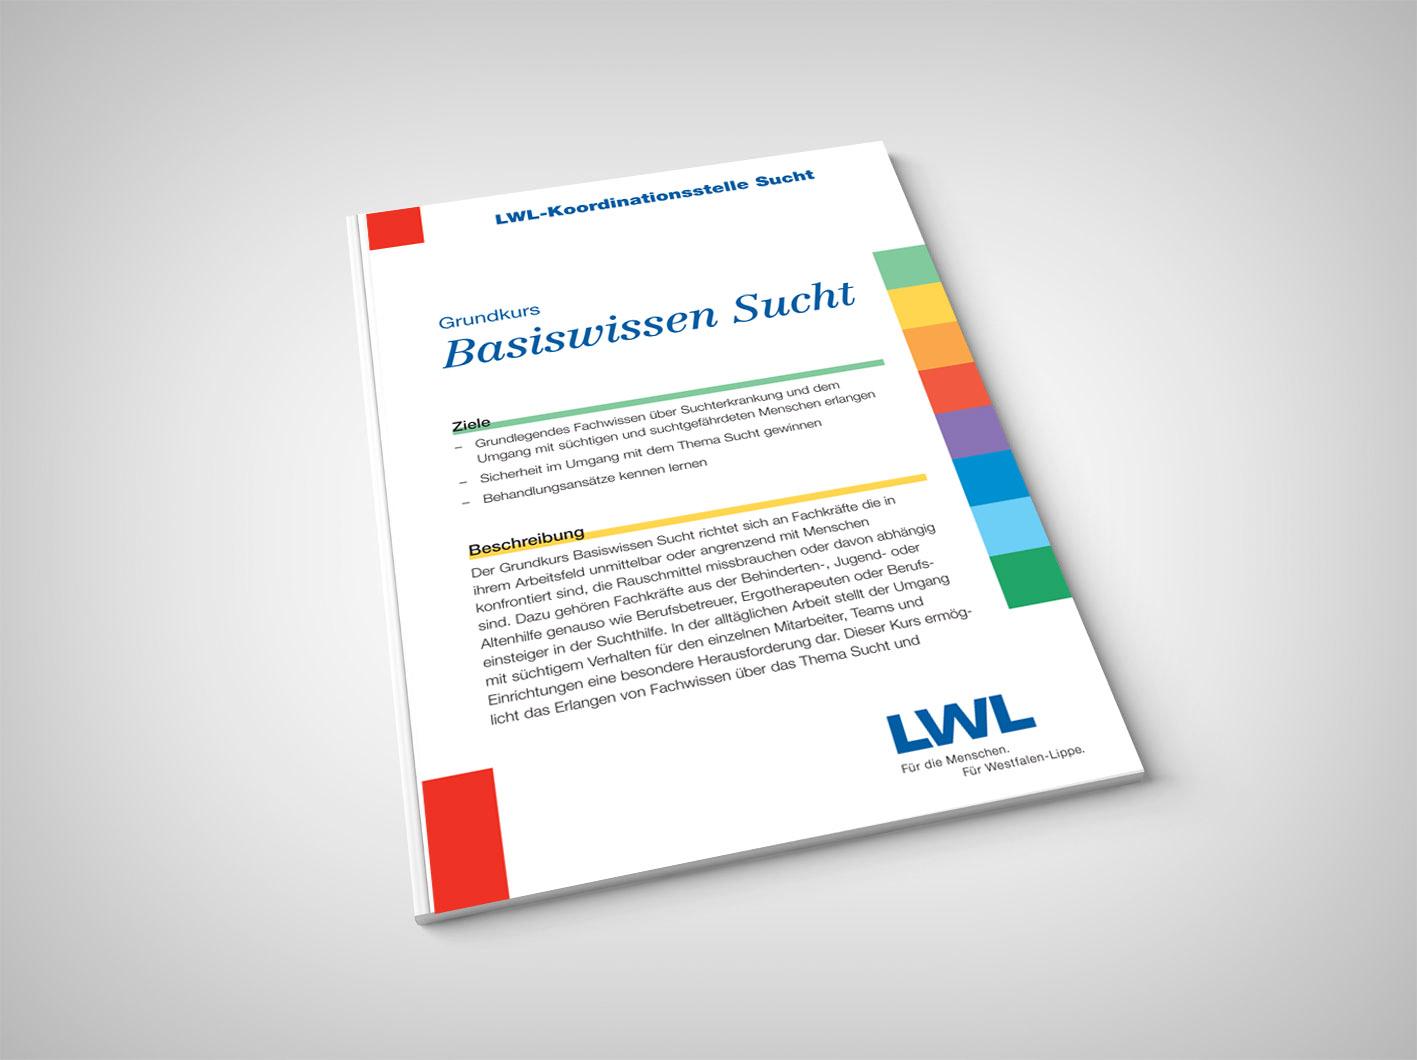 LWL   Weiterbildungen und Zertifikatskurse - Koordinationsstelle Sucht